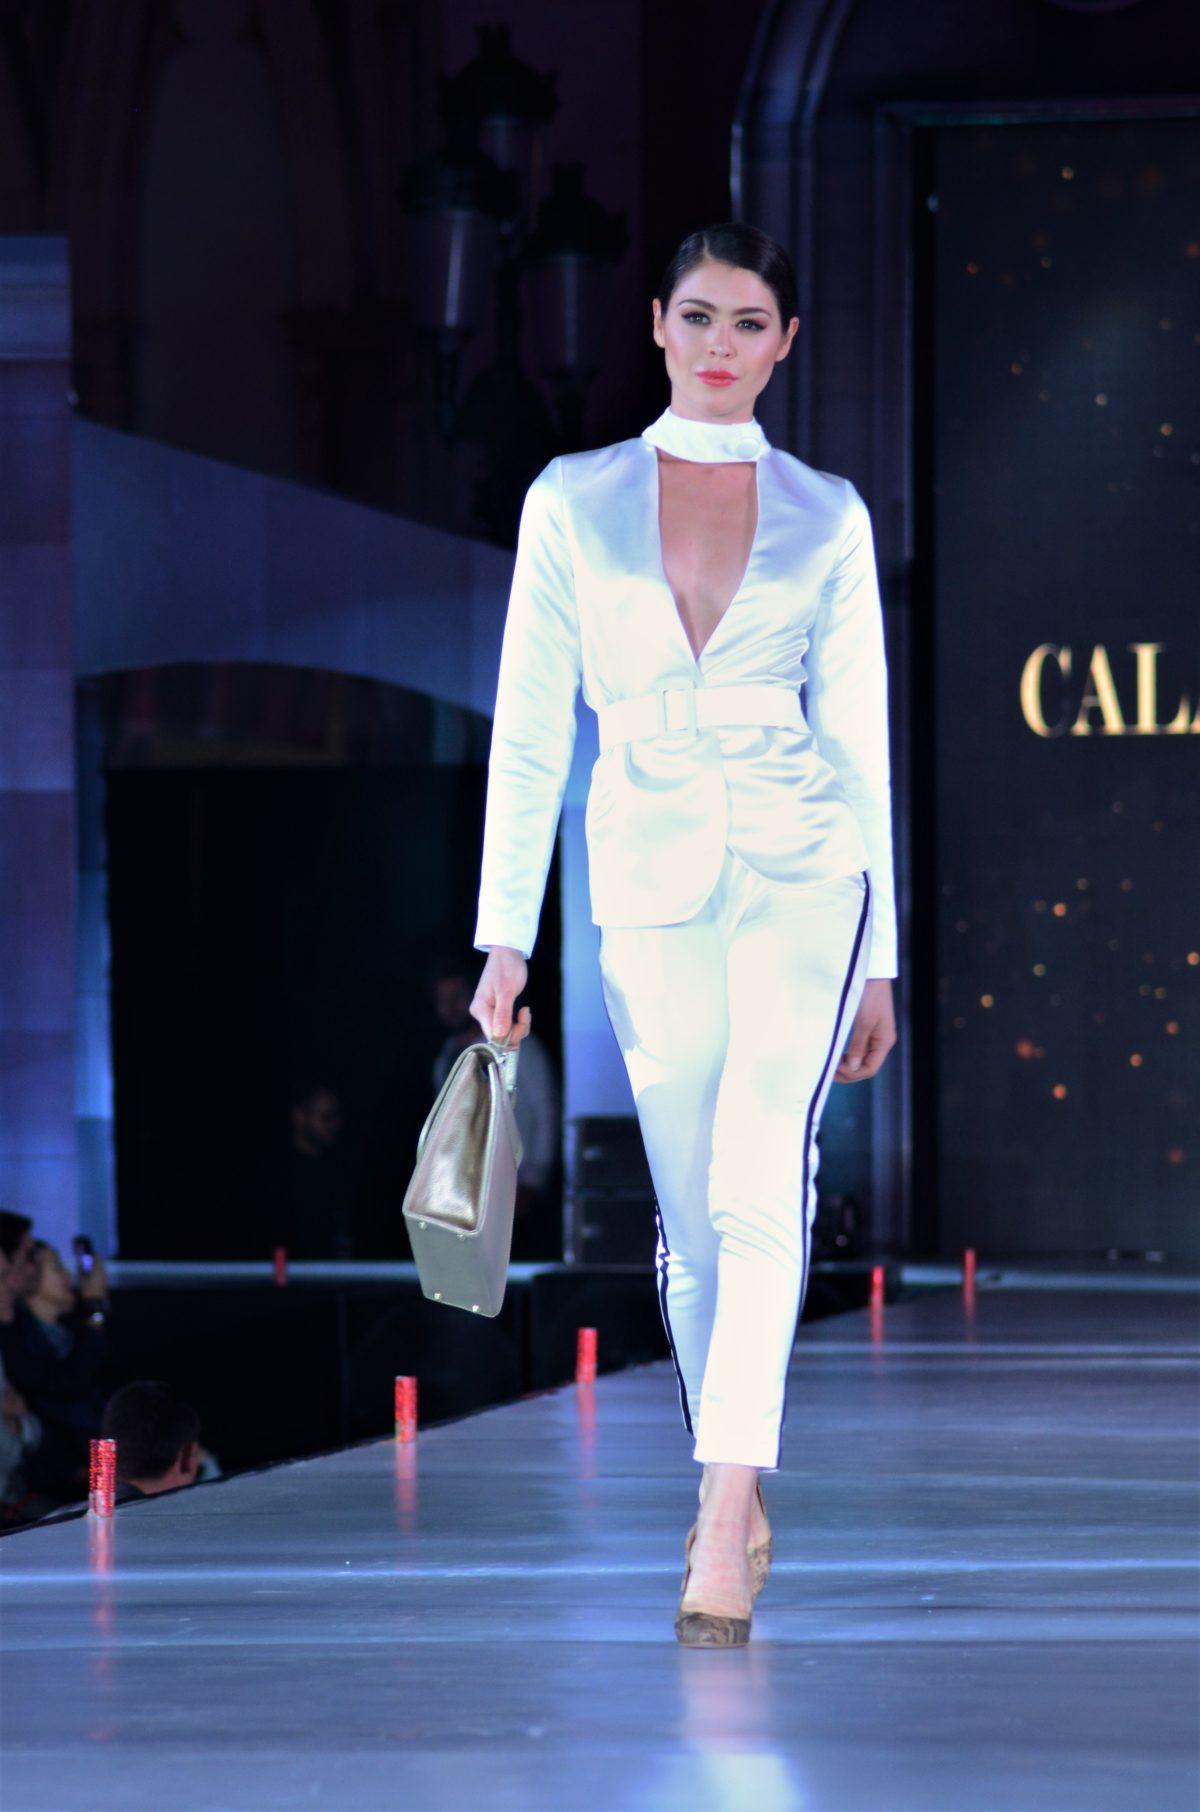 CALATAYUD_4